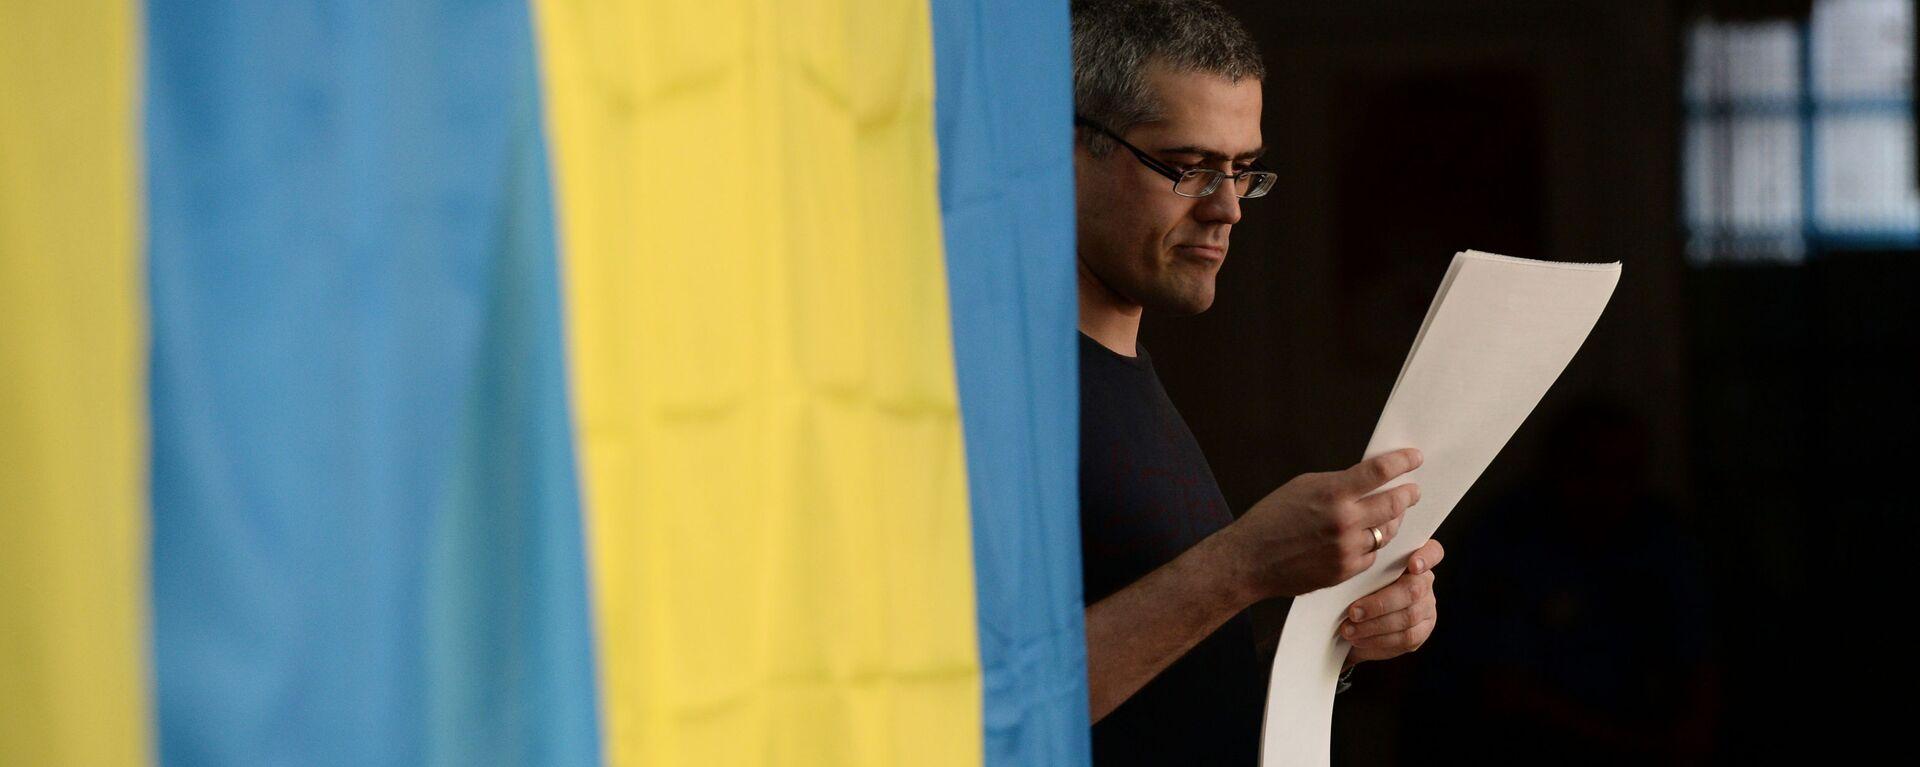 Избиратель во время голосования на выборах в Киеве - Sputnik Латвия, 1920, 24.08.2021